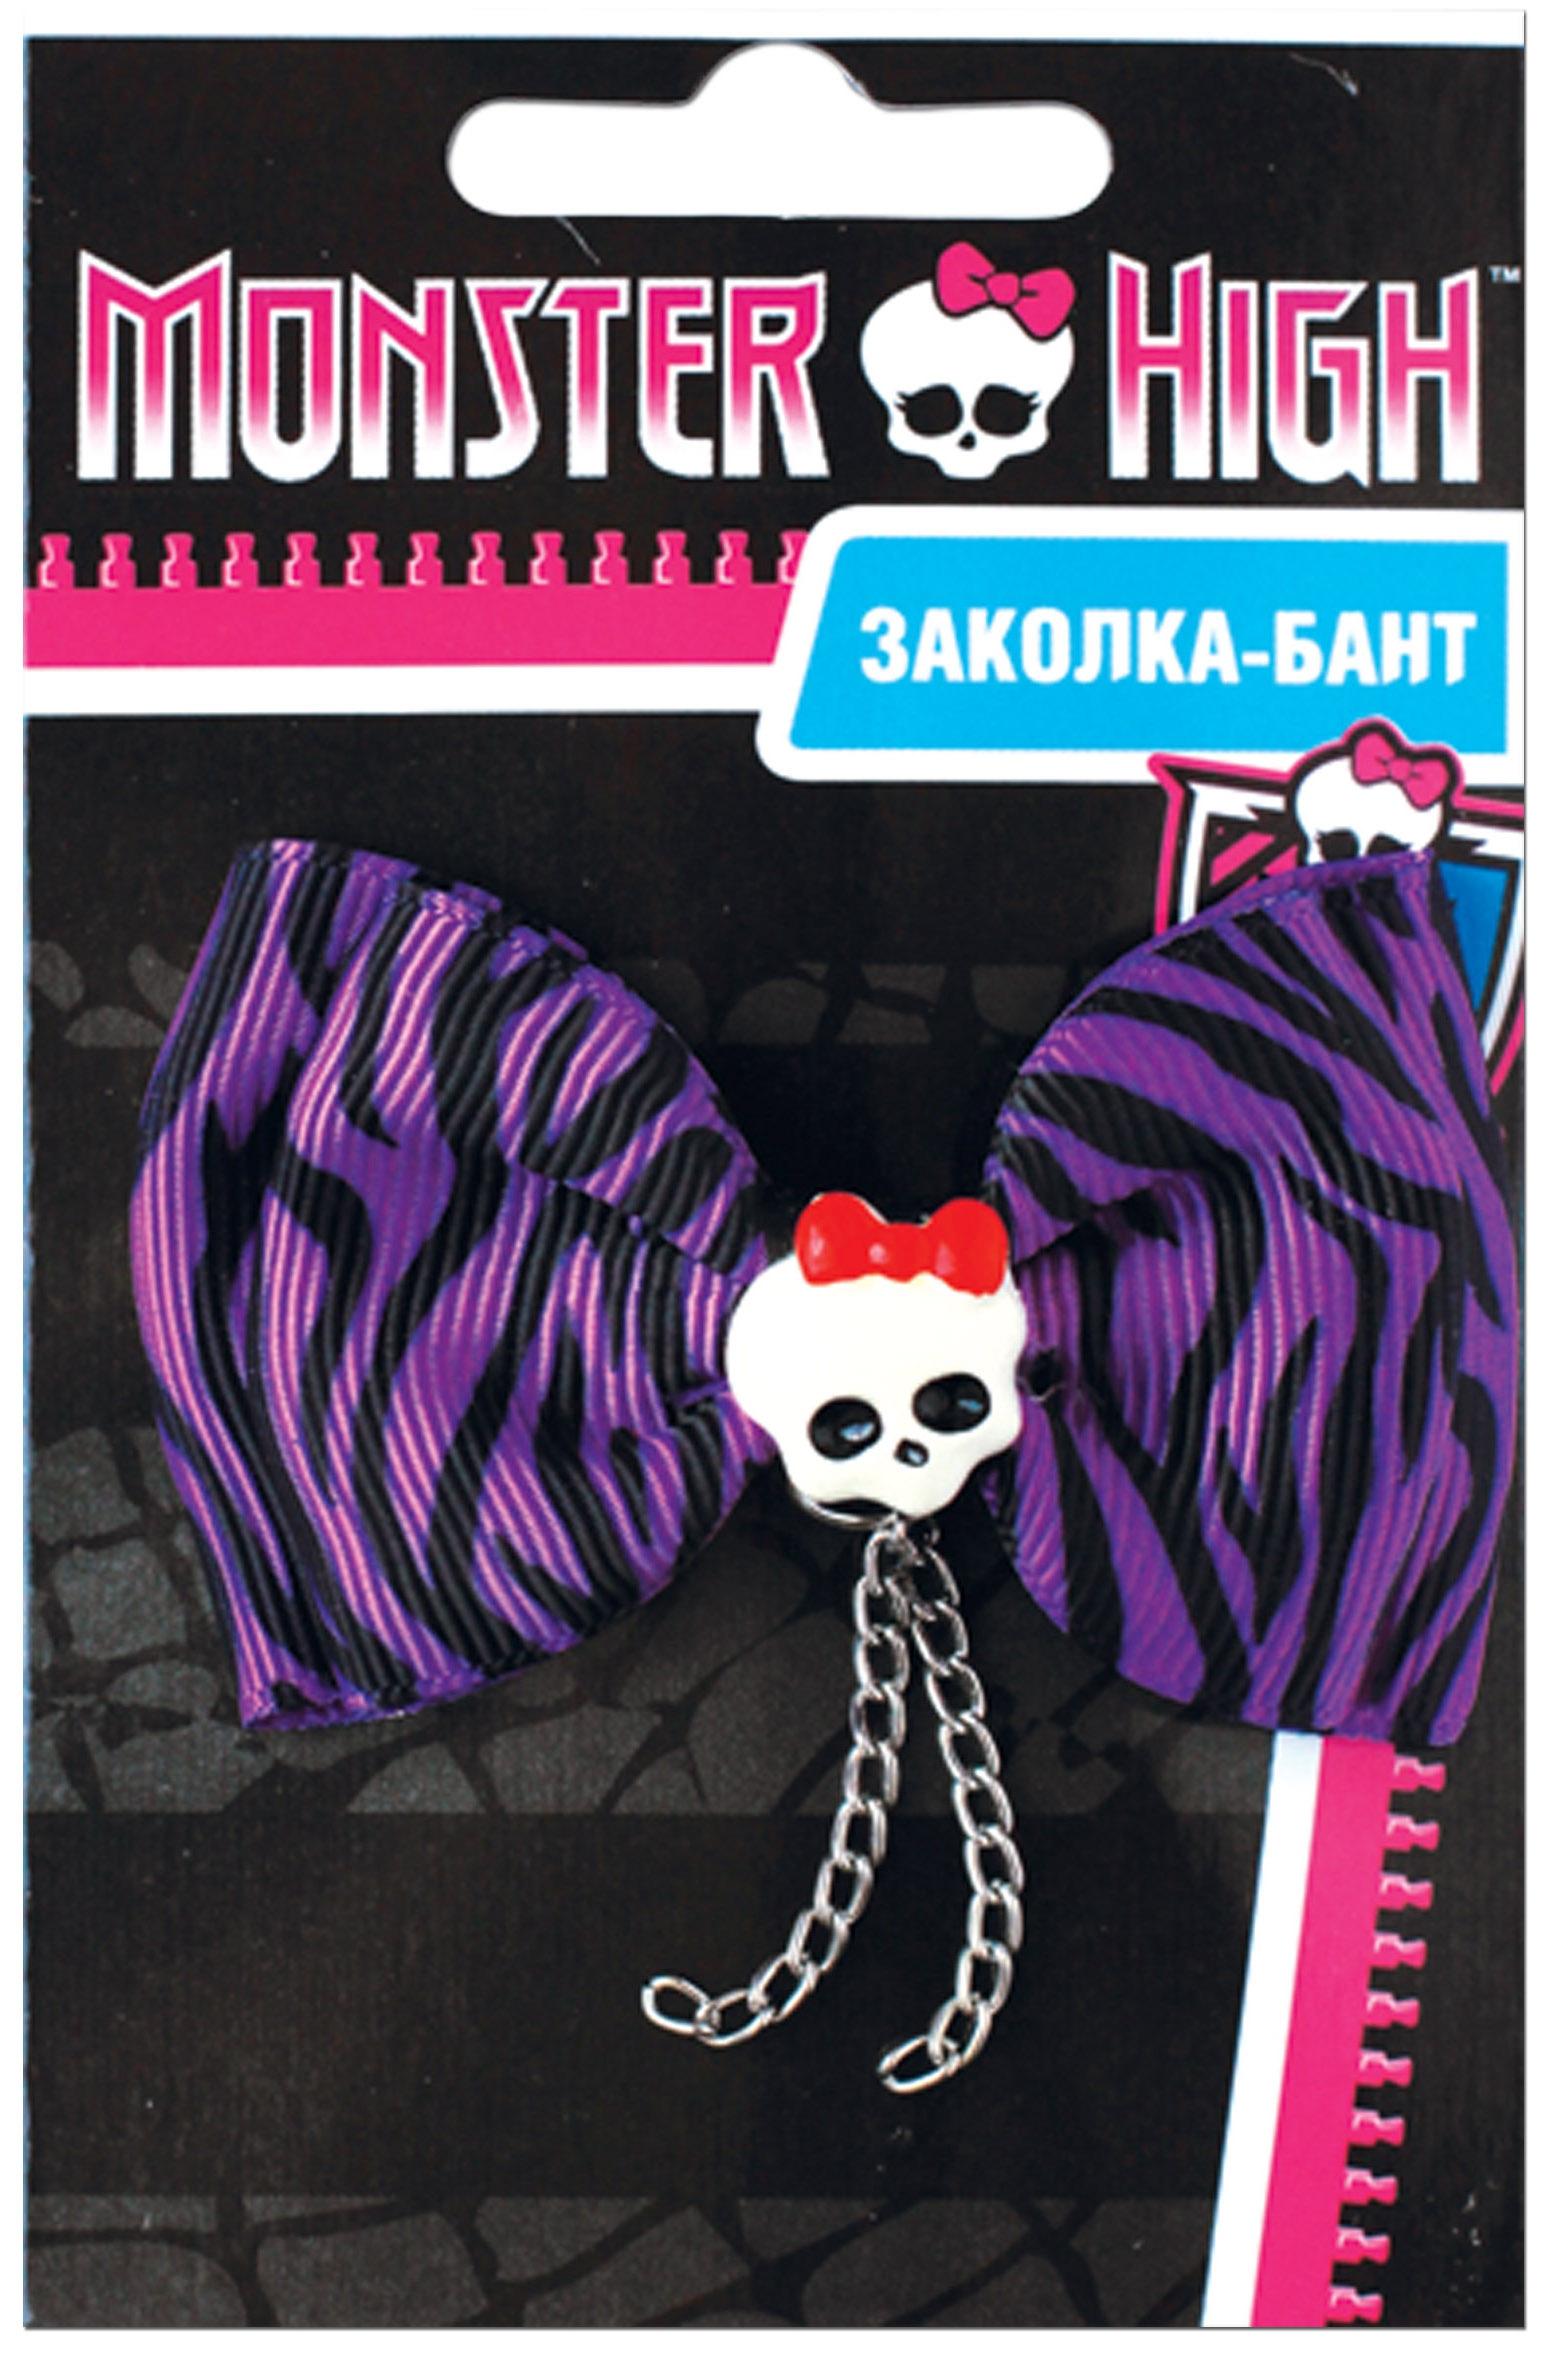 Украшения Monster High Заколка-бант для волос Monster high. Clawdeen Wolf крабы olere заколка